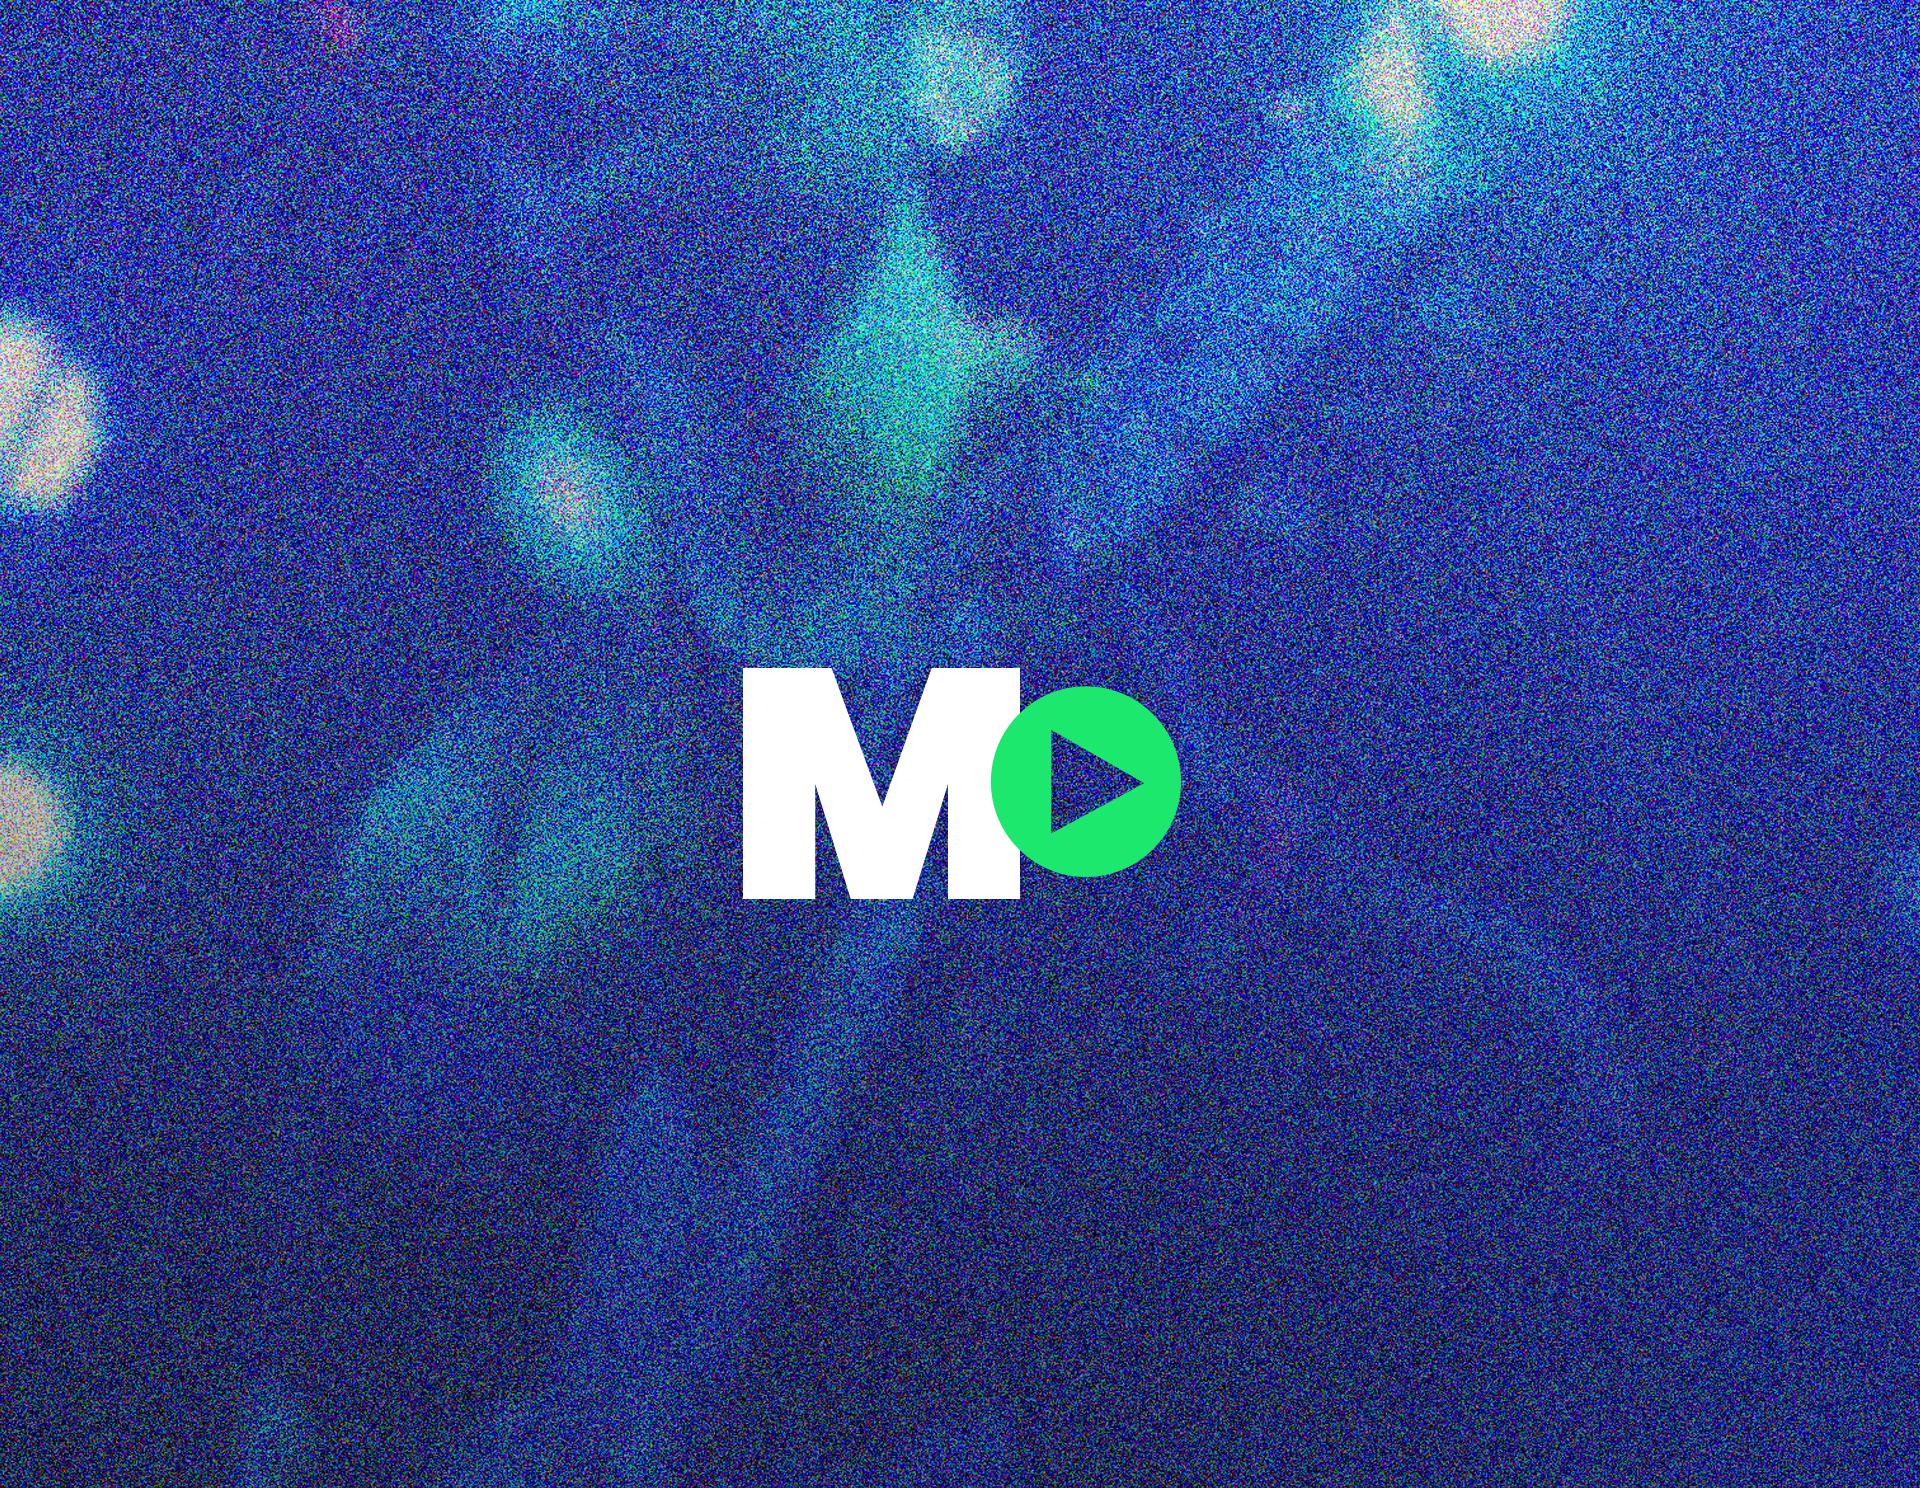 Matucana Play: La Cultura Digital de M100